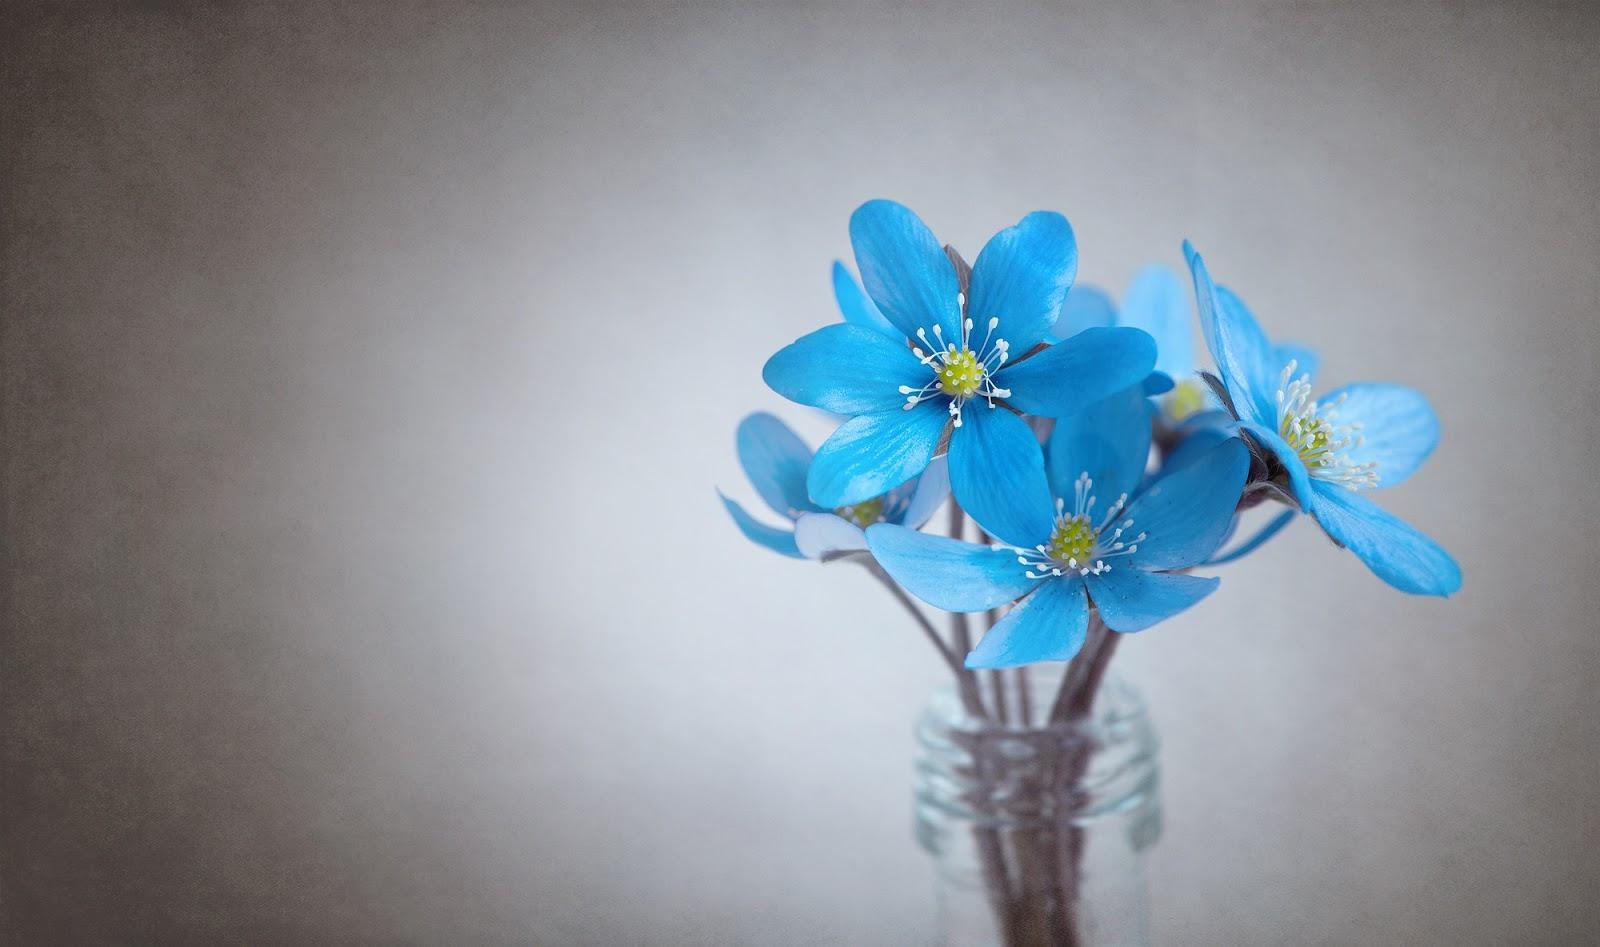 硝子の花瓶の青い雪割草の花々